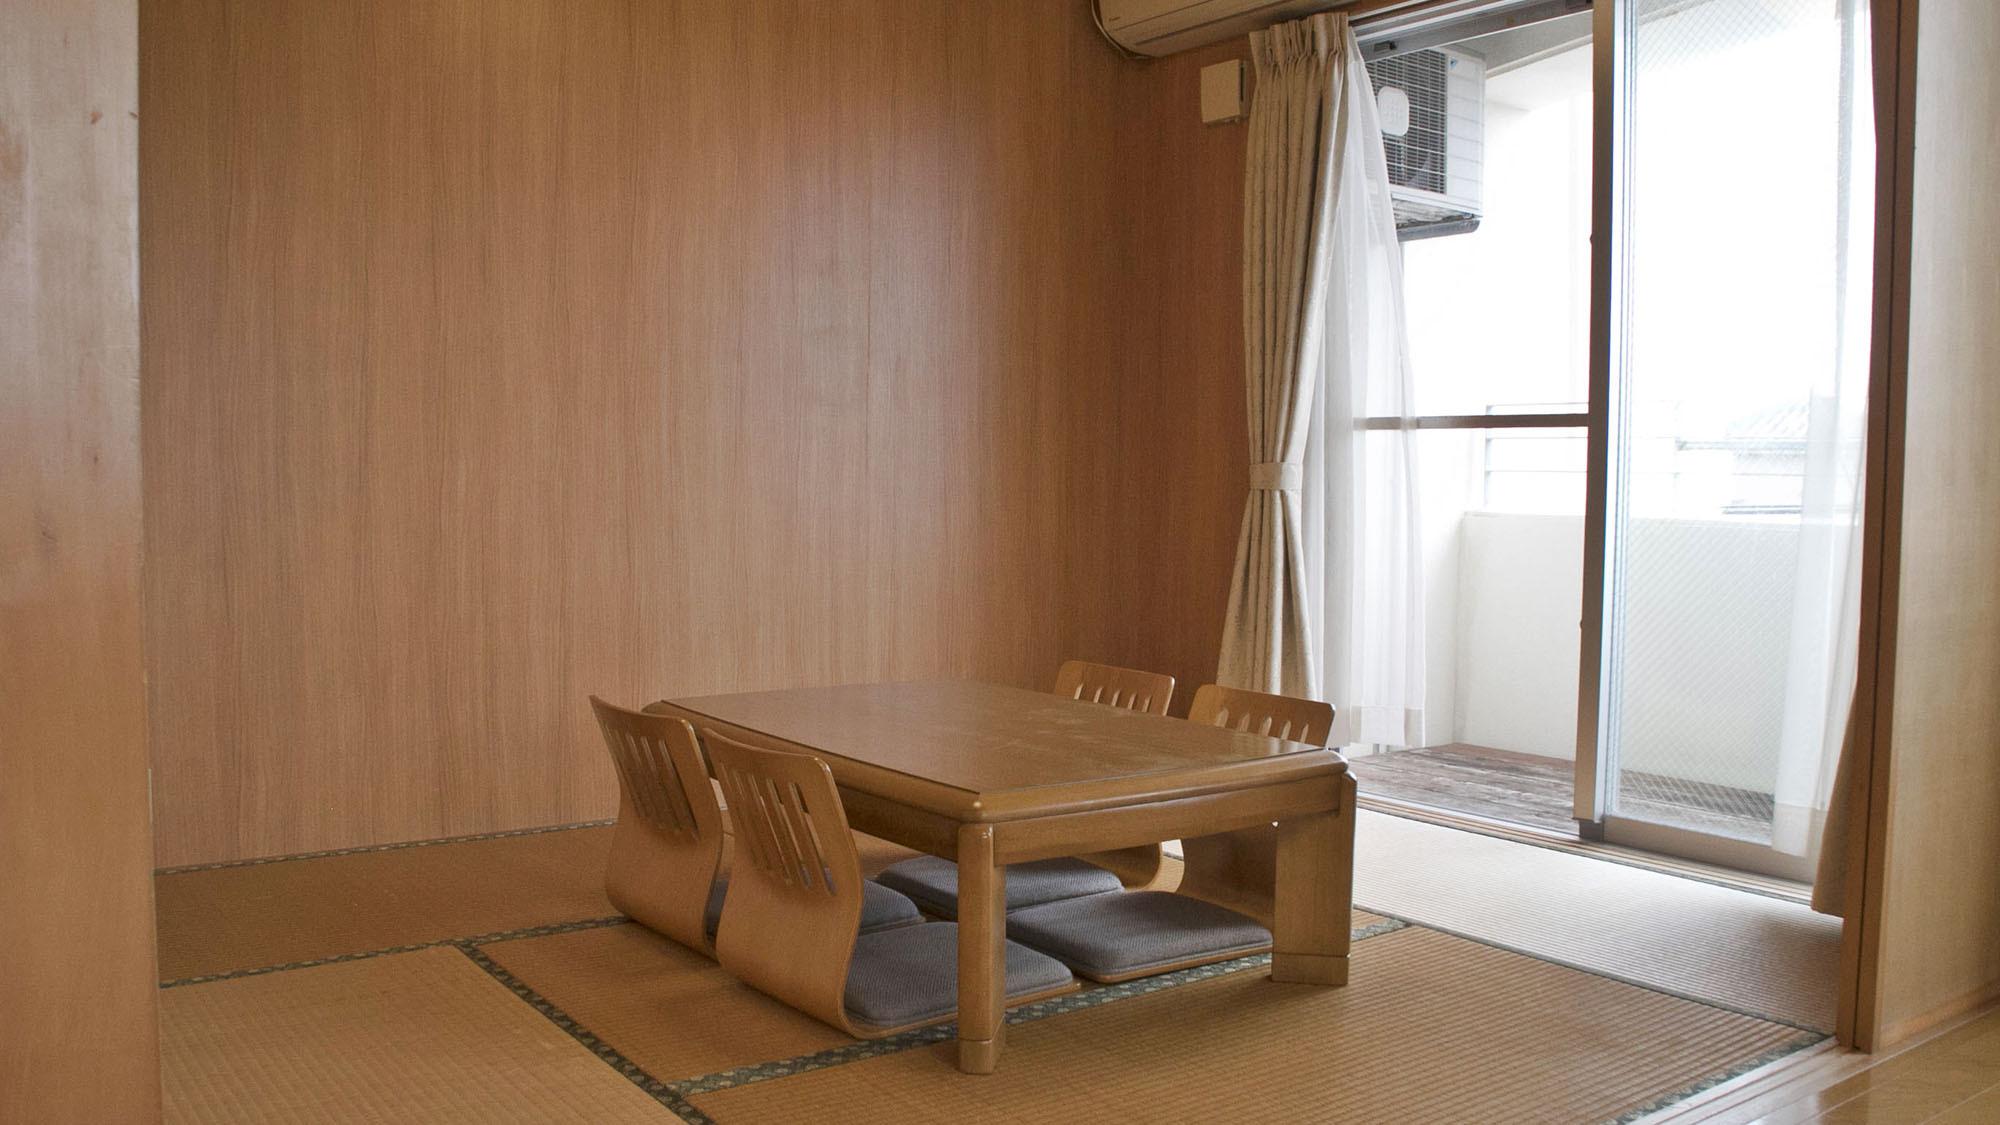 【バルコニーに面した和室】 お昼寝タイムに寝そべってタタミの香りを感じてみて下さい。